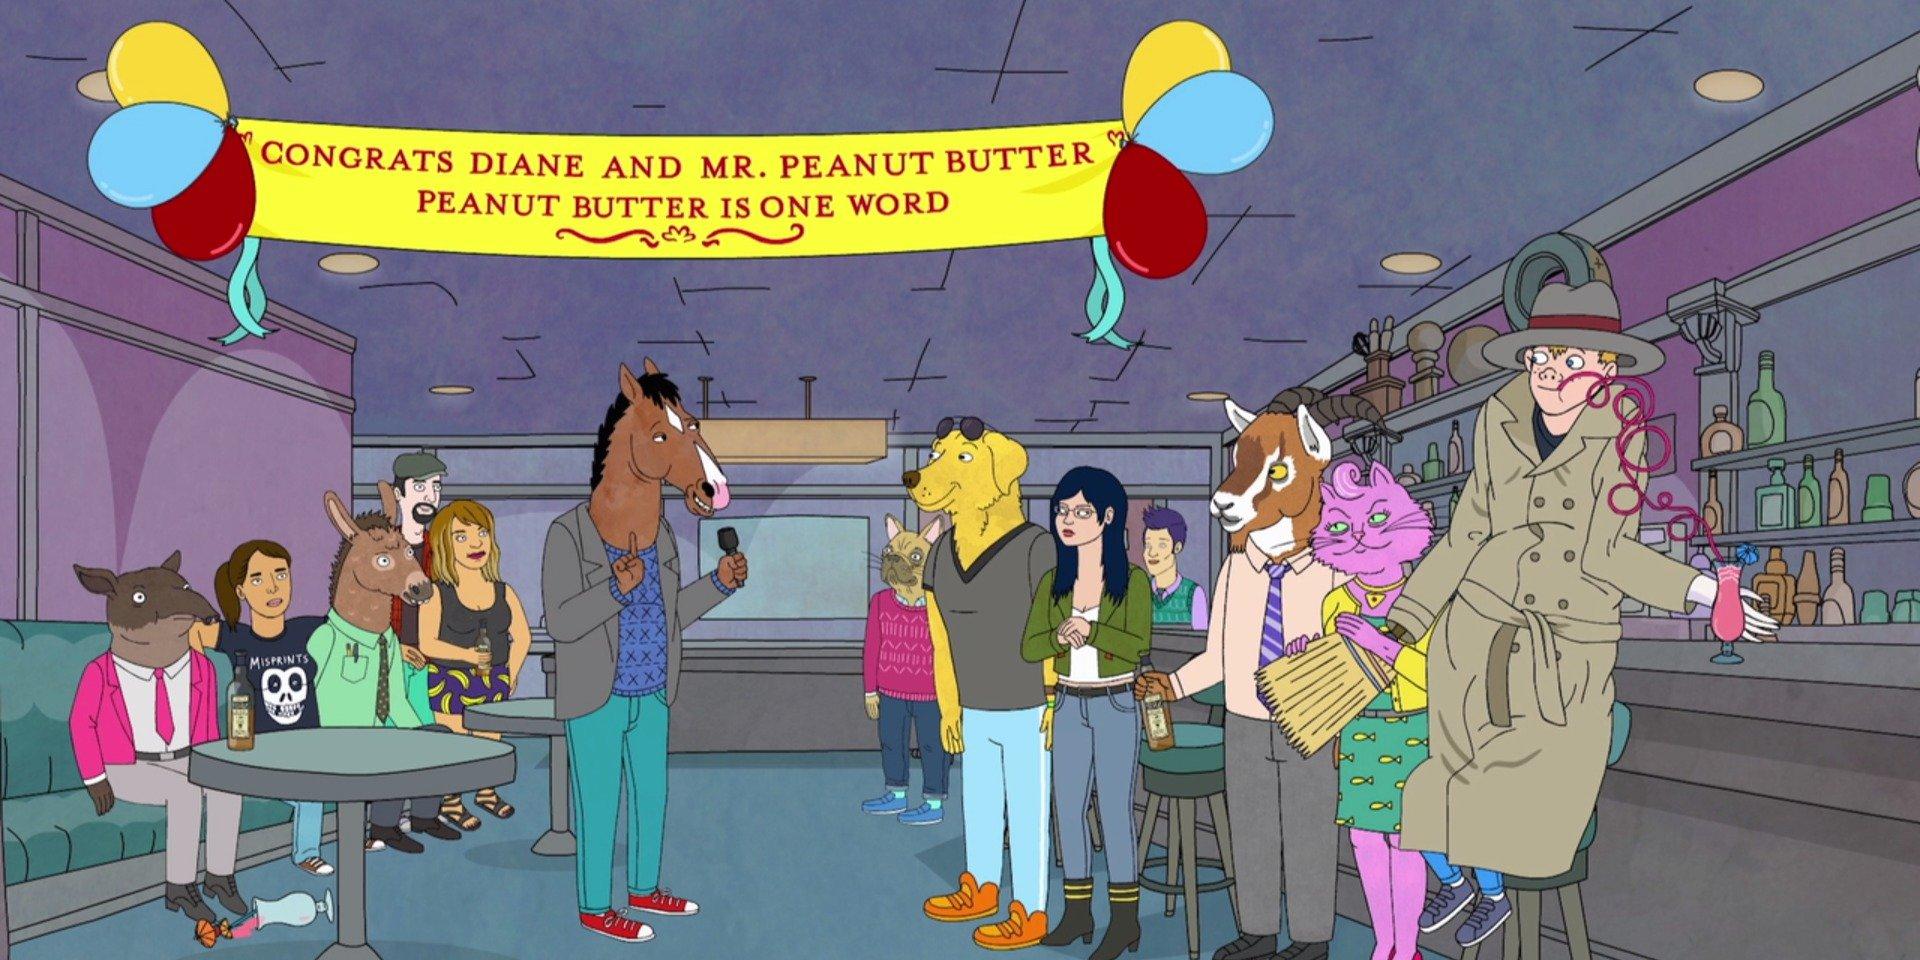 Happy-birthday-mister-peanutbutter.jpg